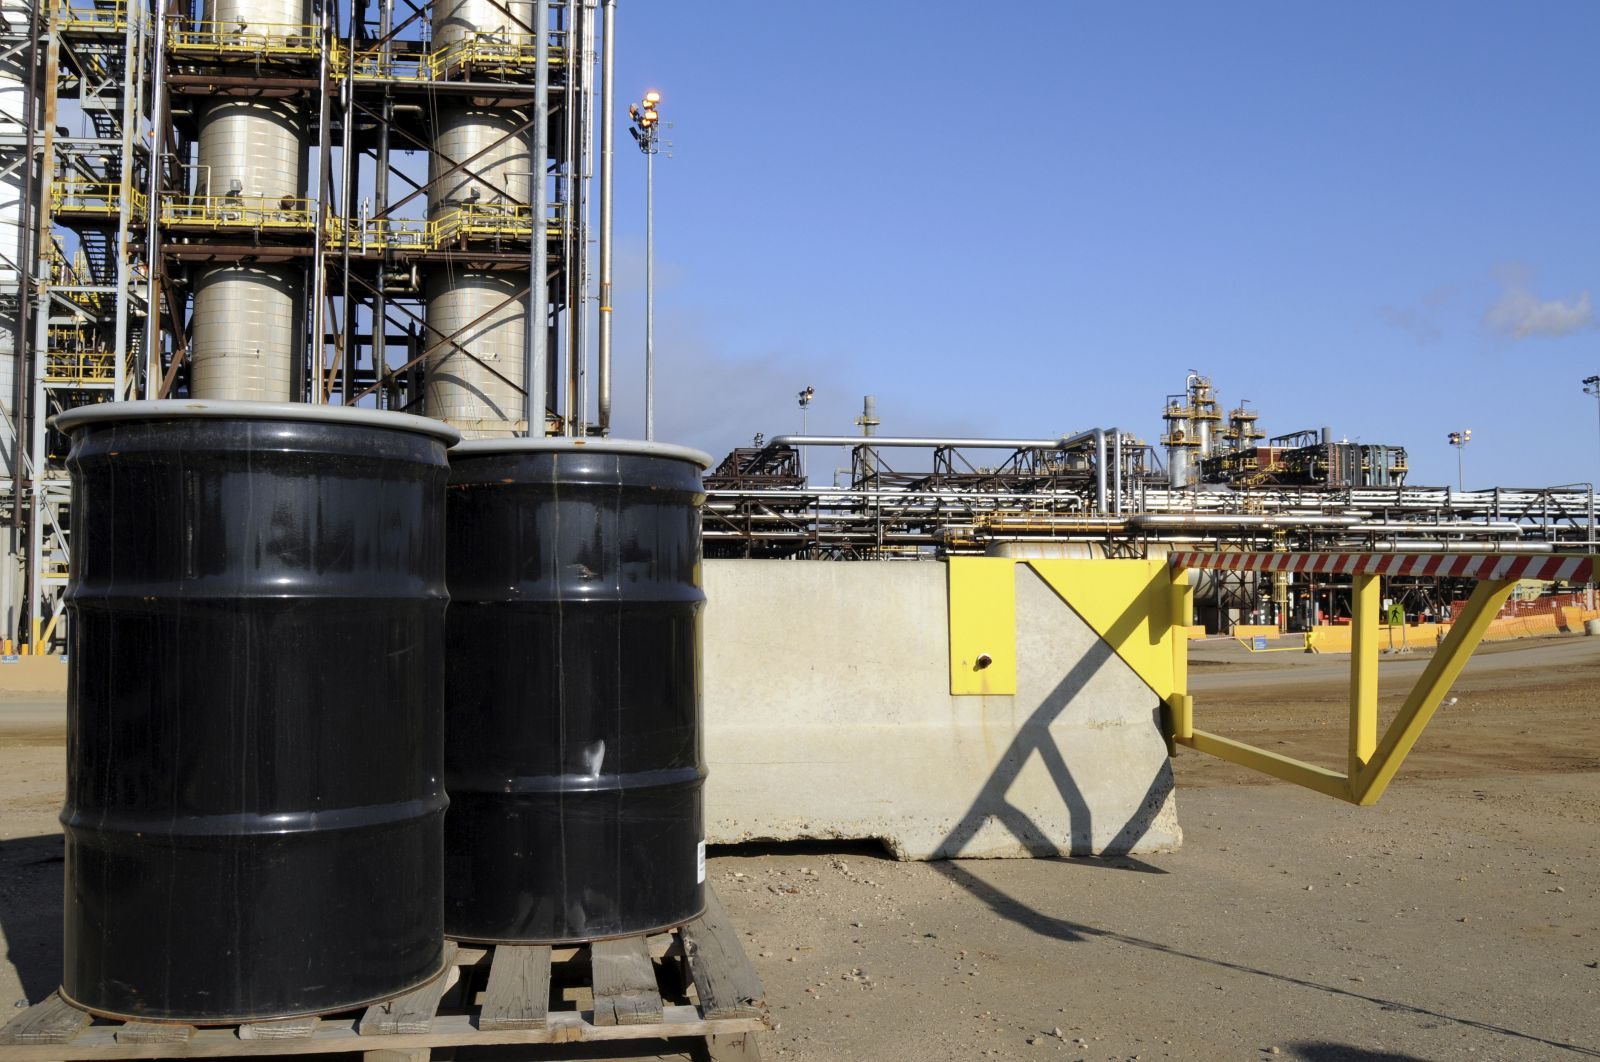 أسعار النفط تقترب من مستويات 2003 تحت ضغط ارتفاع المخزونات الأمريكية